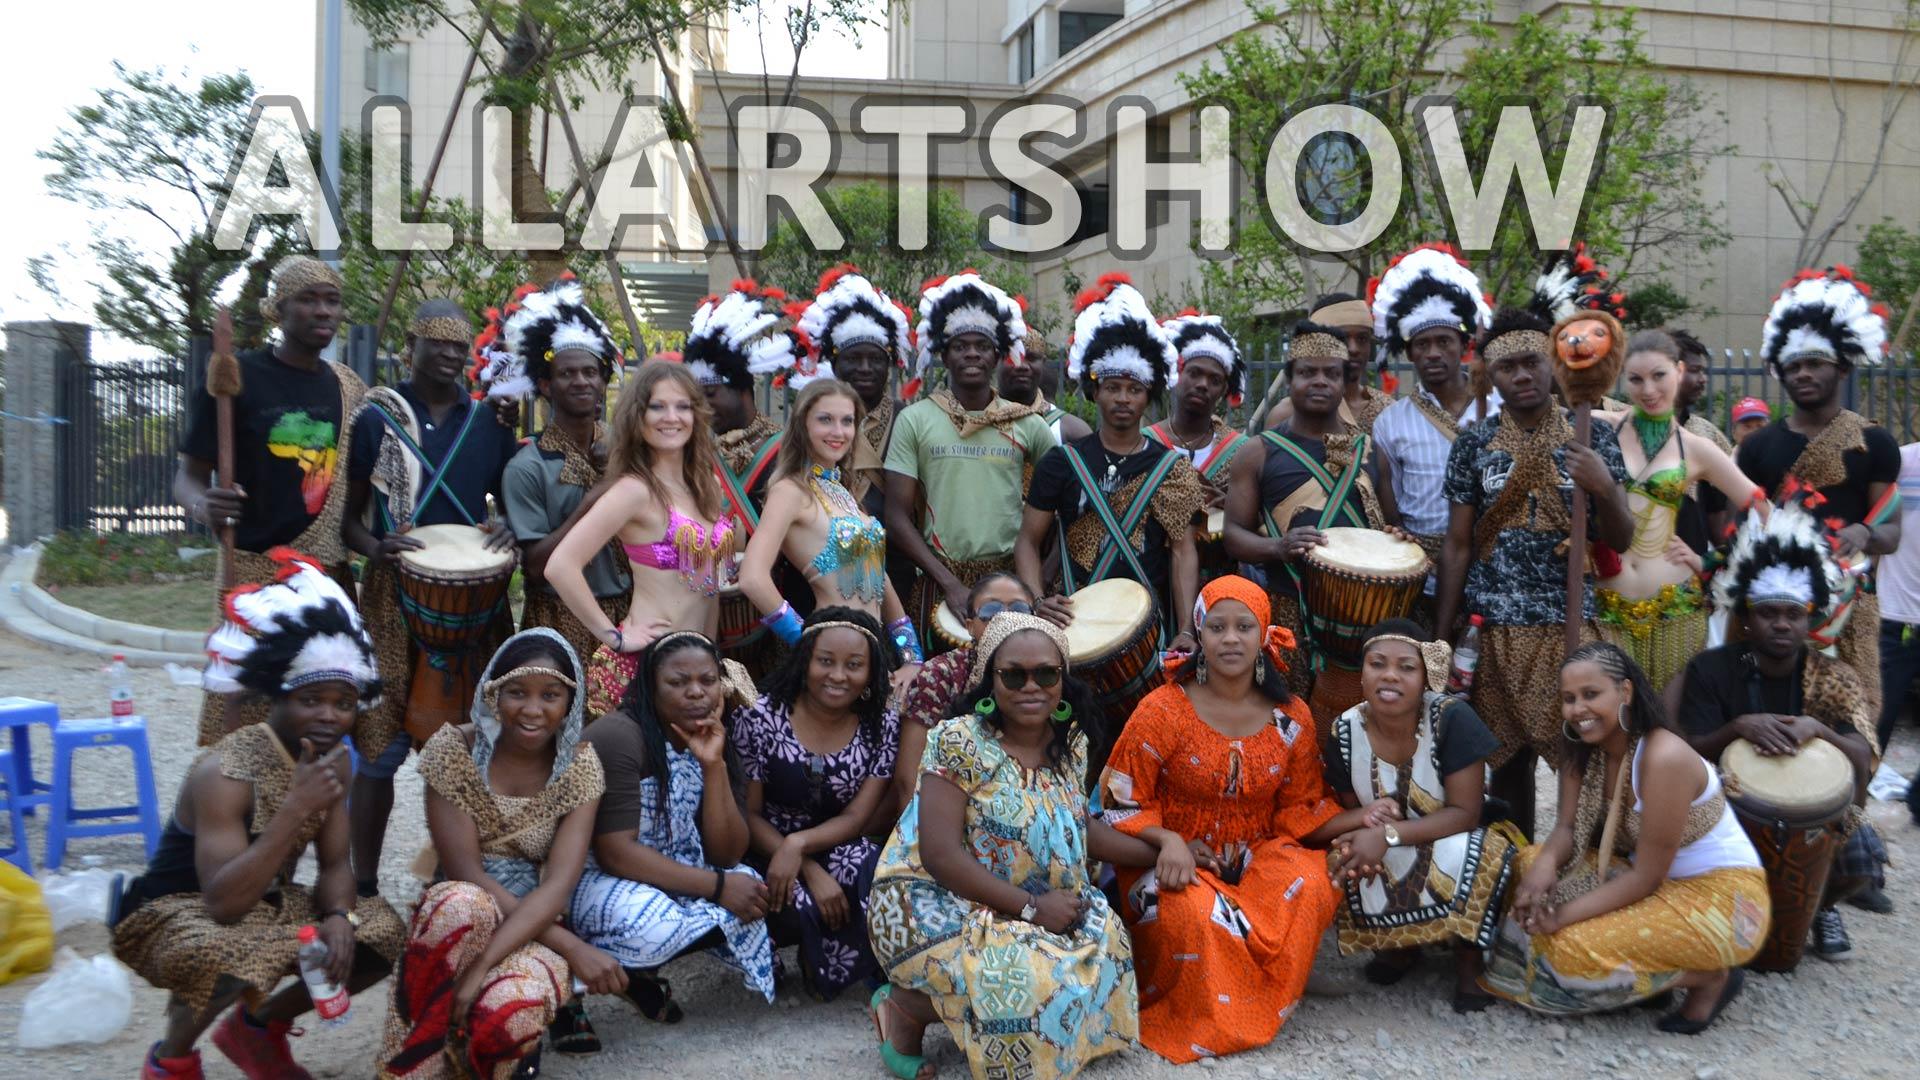 非洲风情大巡游——非洲土风舞团队